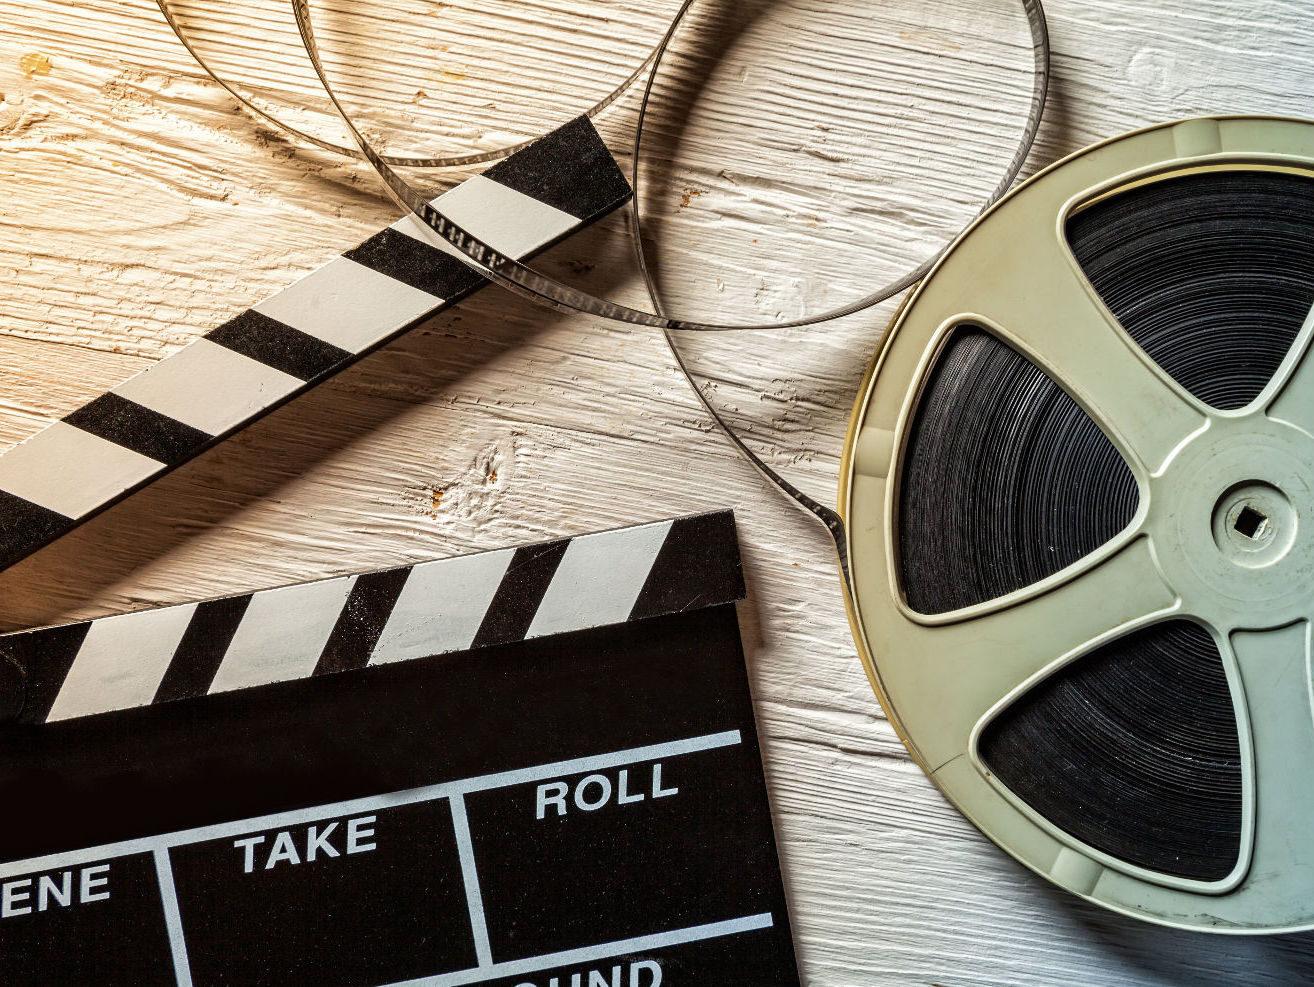 ДЕНЬ КИНО: как напечатать качественную киноафишу